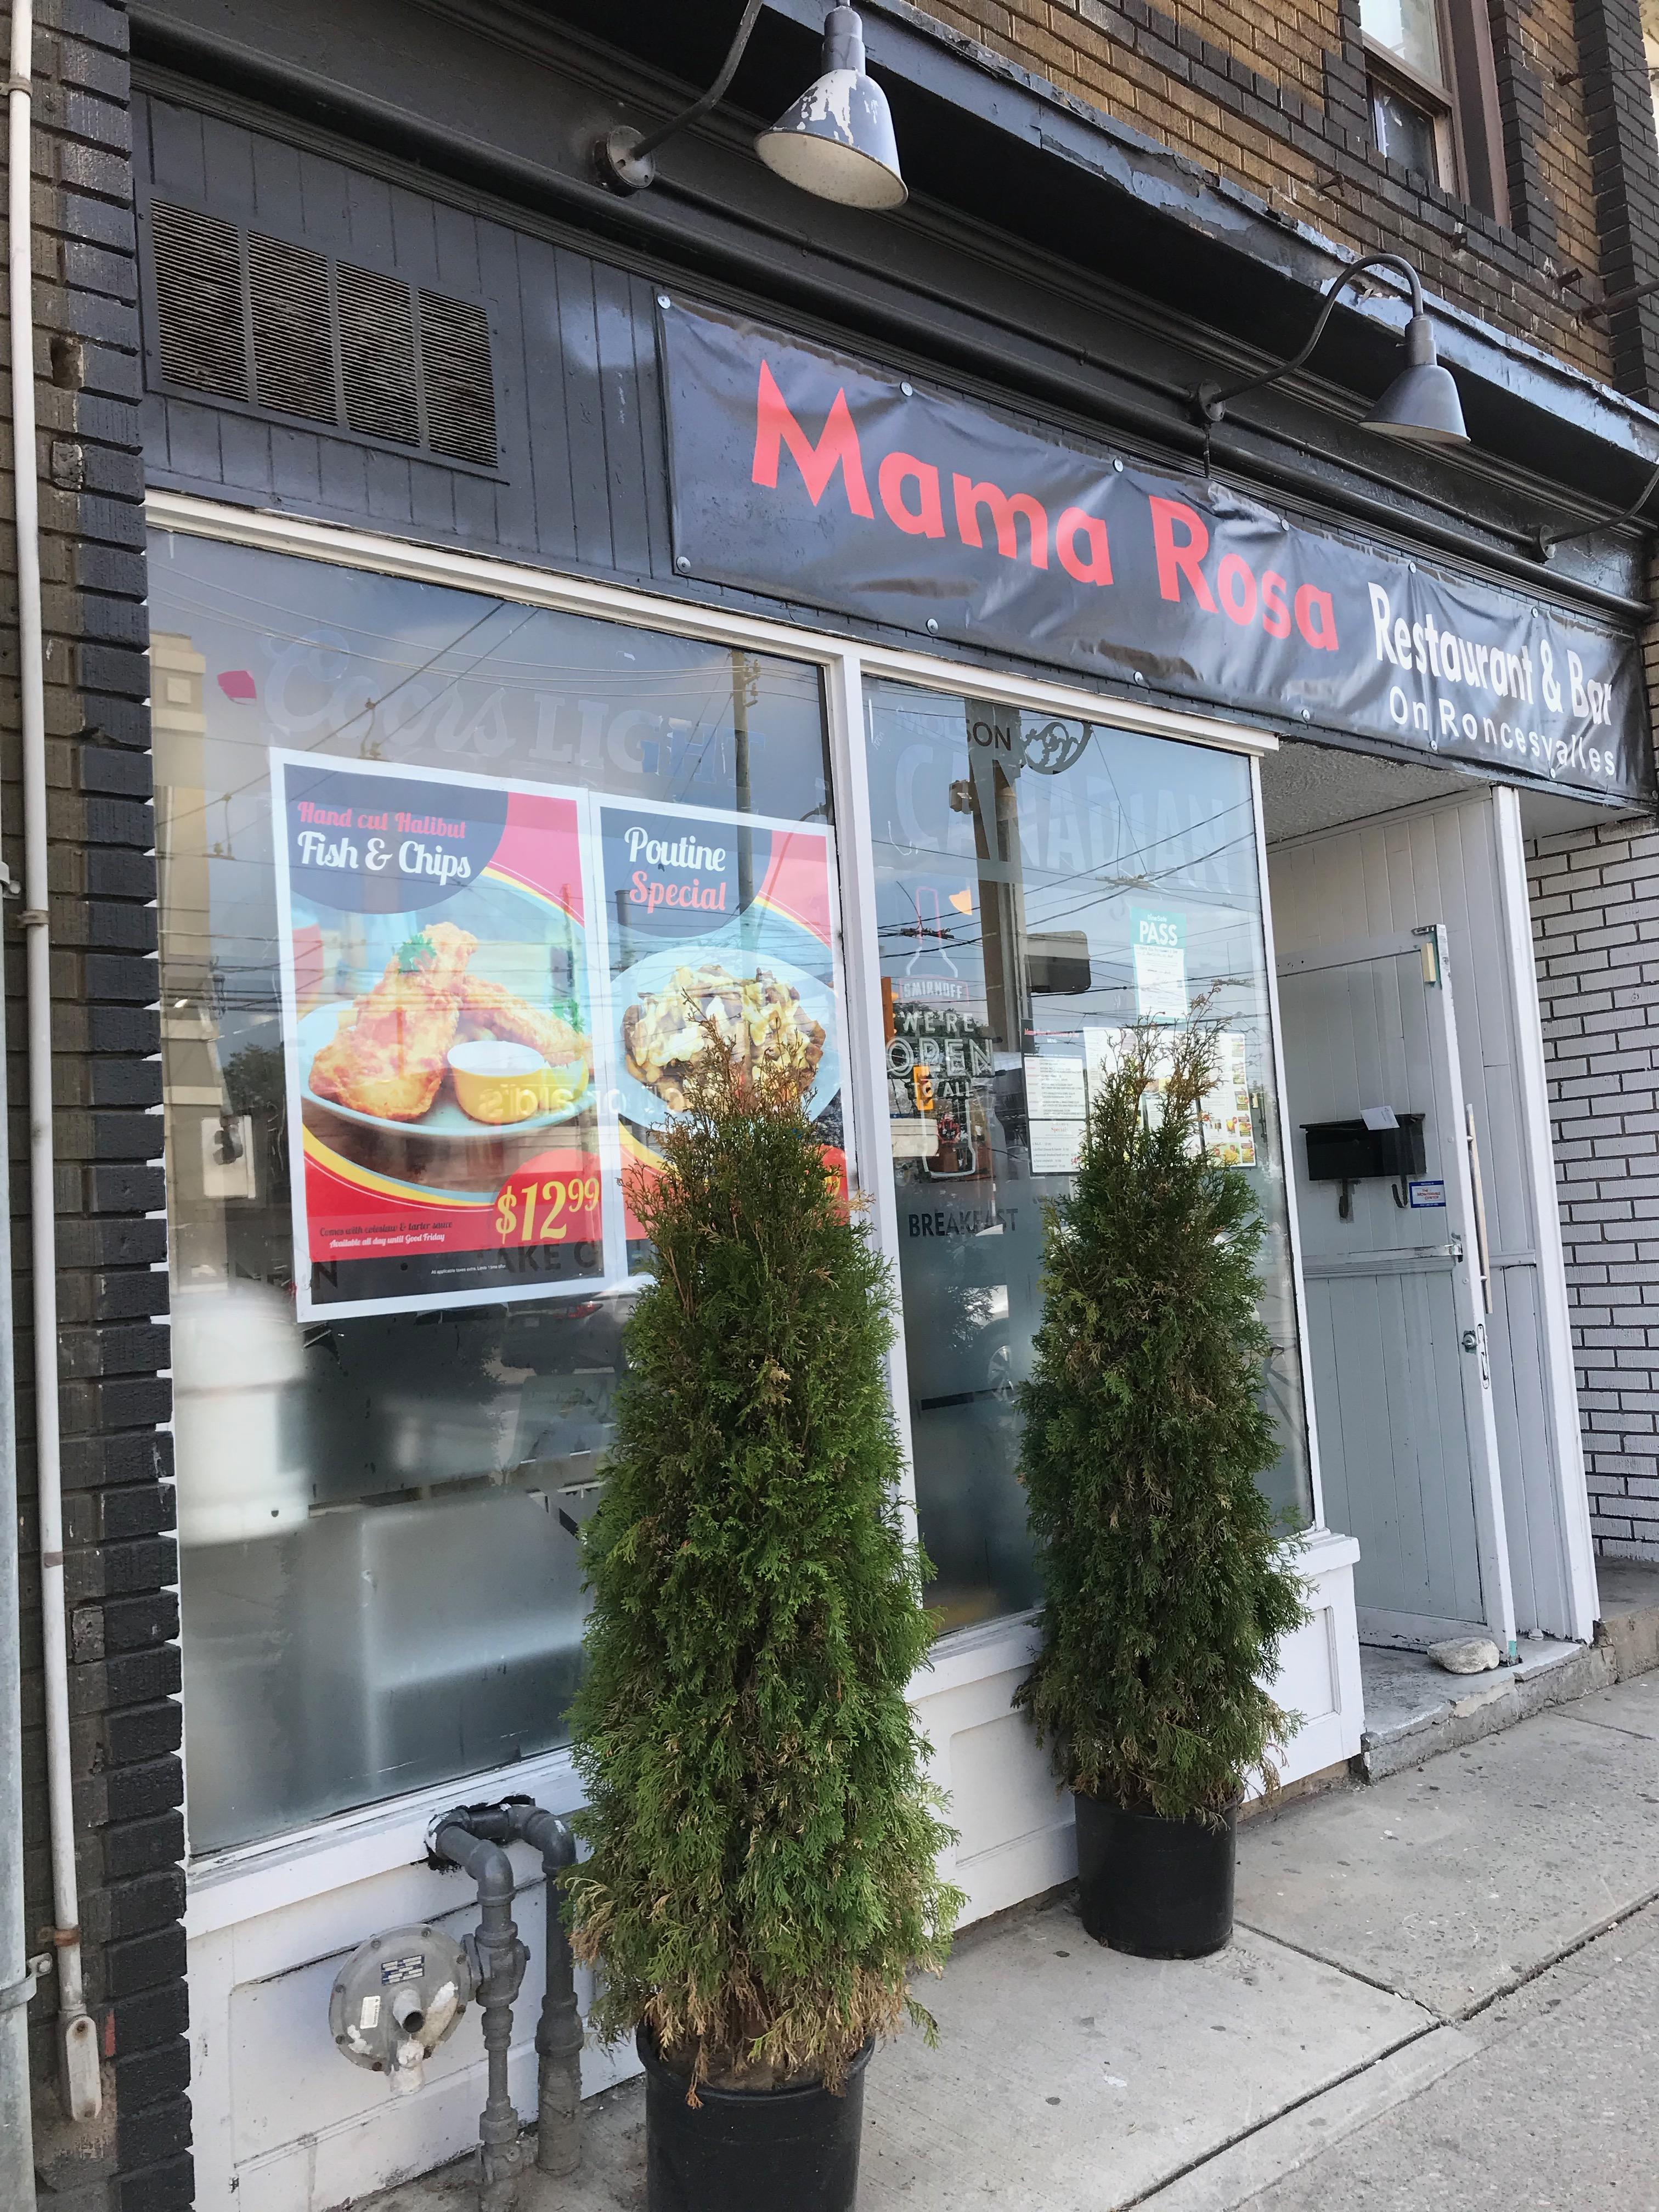 Mama Rosa Restaurant & Bar